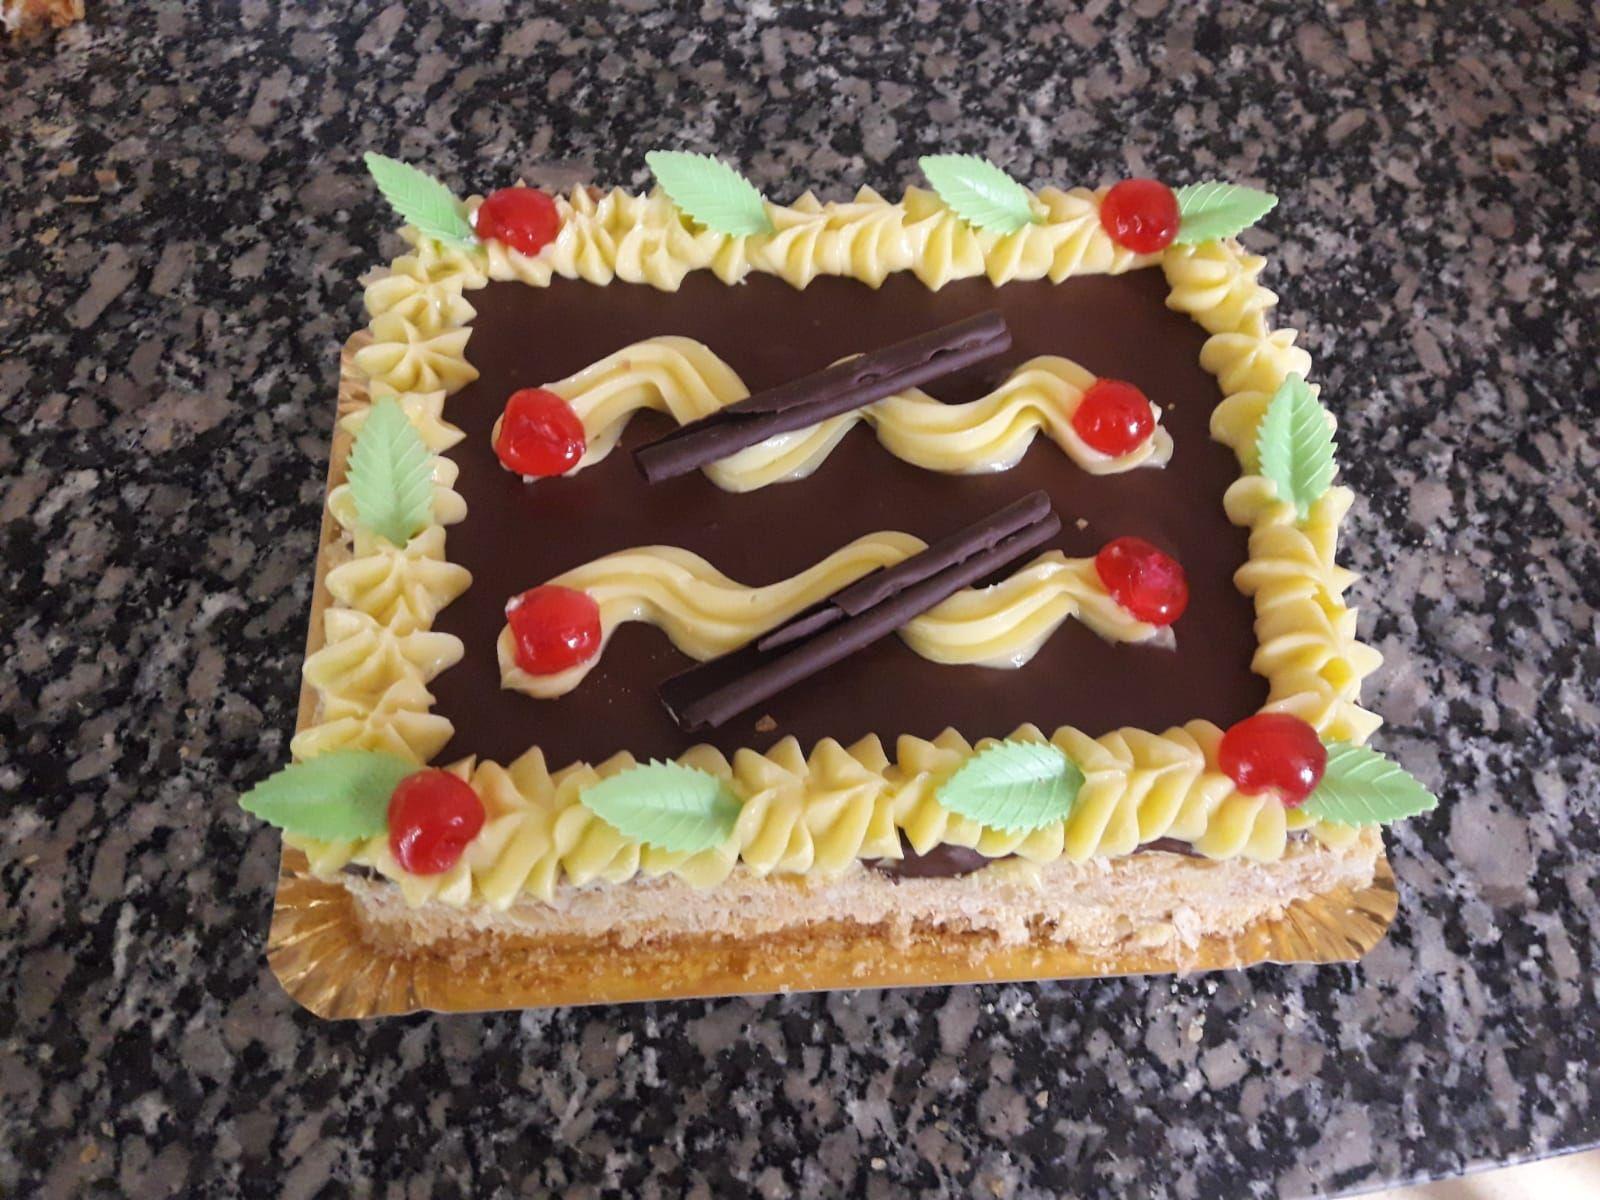 Encárganos tu tarta a medida